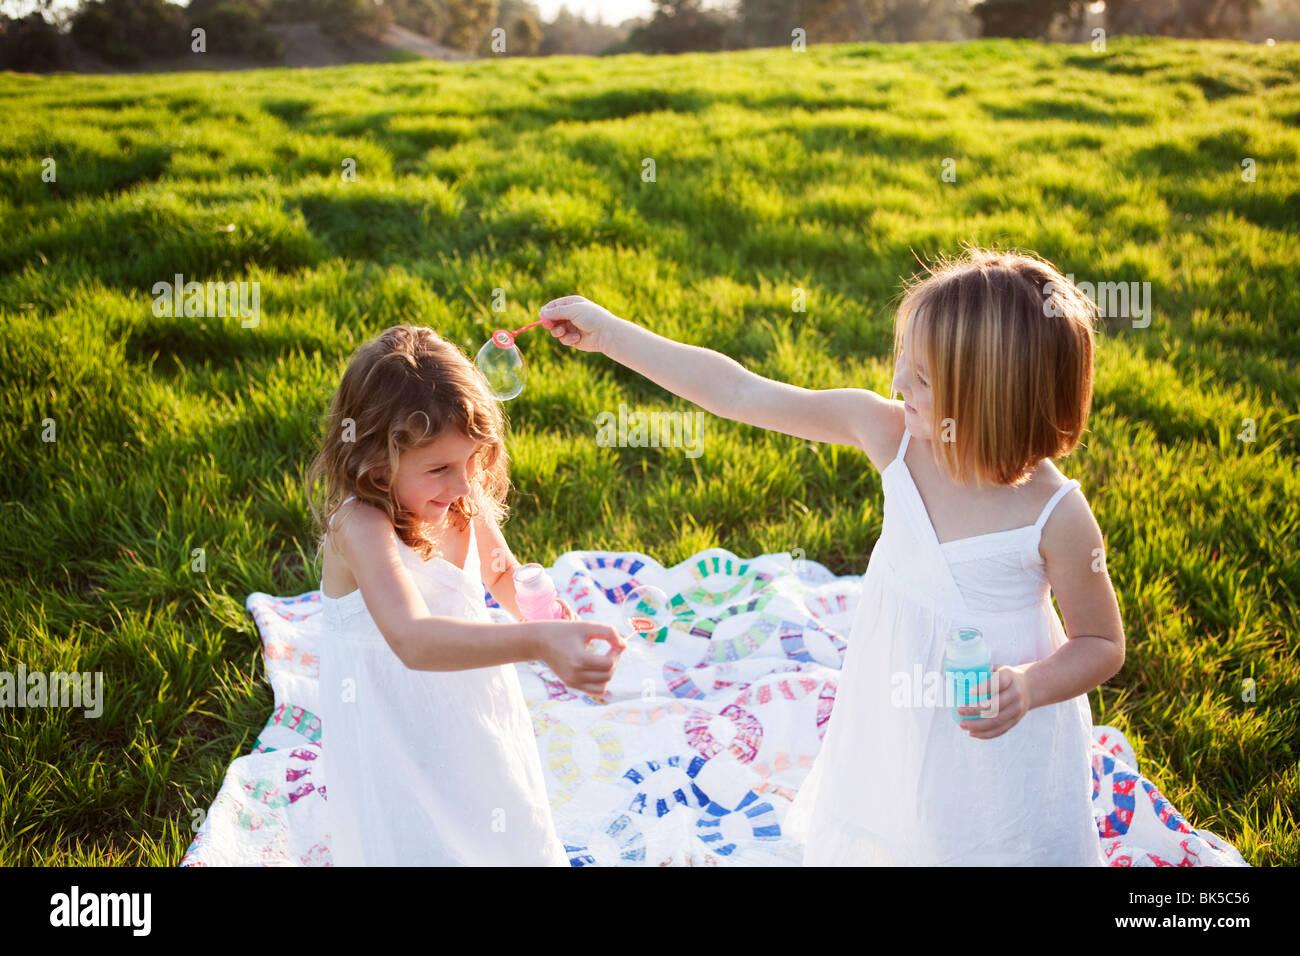 Ragazze sulla coperta picnic giocando con bolle Immagini Stock